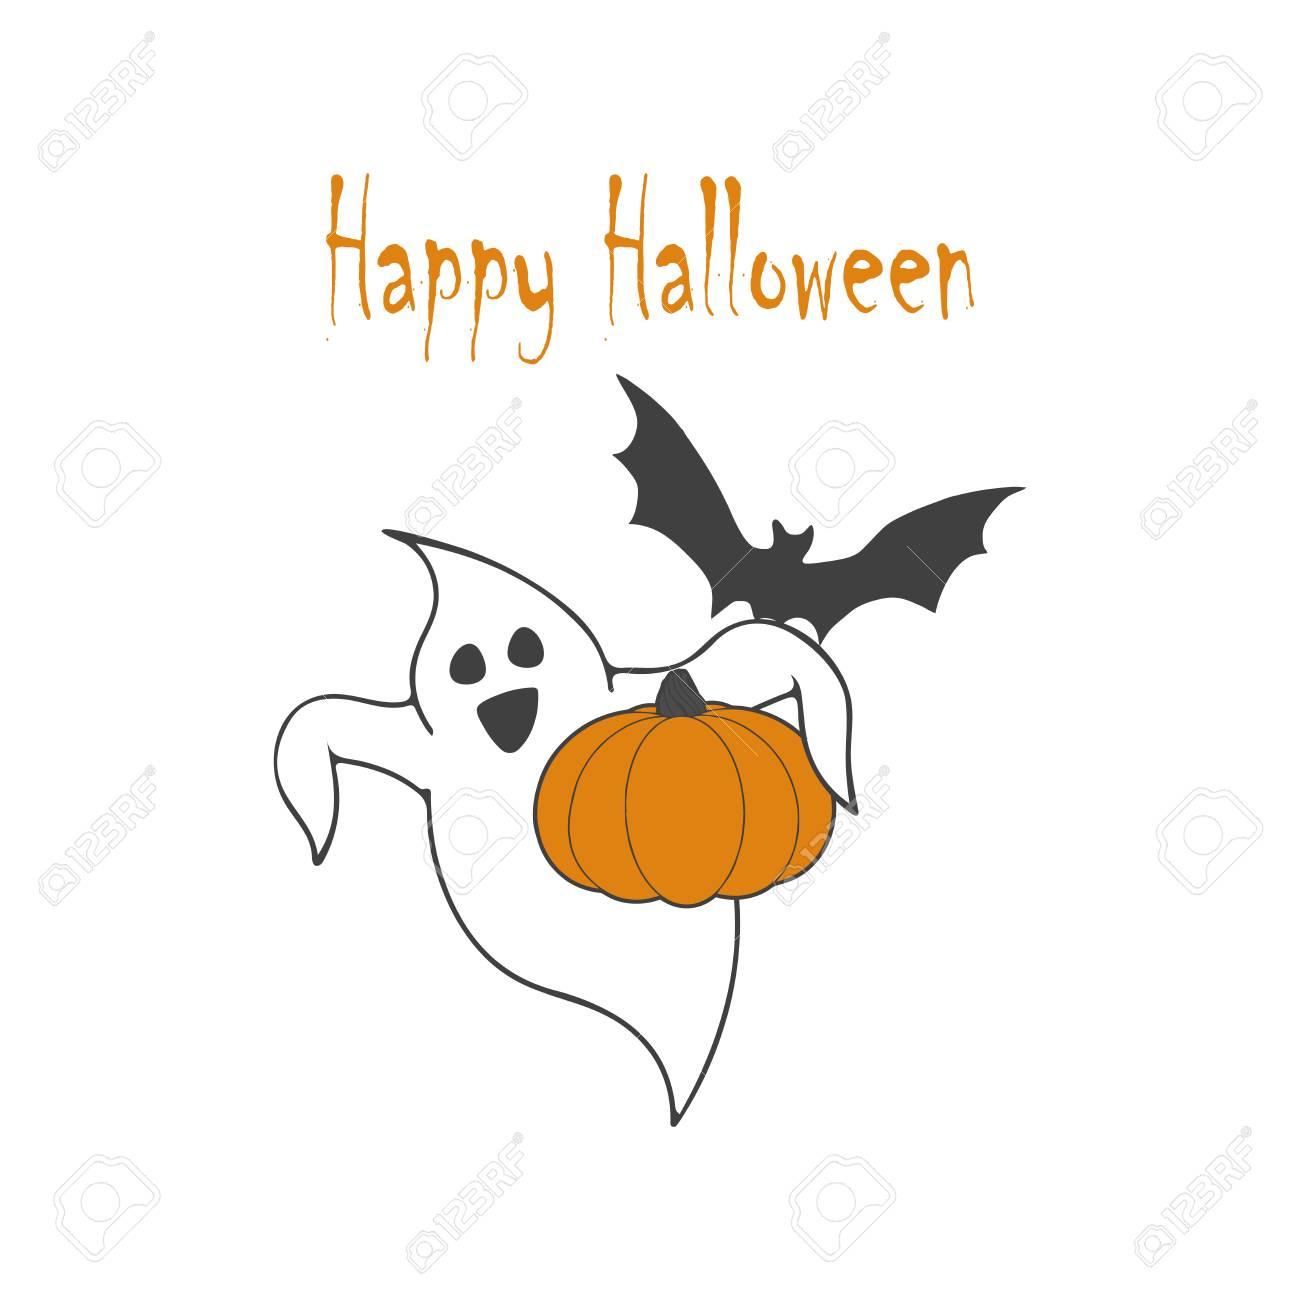 Happy Halloween Poster Avec Fantôme Citrouille Chauve Souris Sur Fond Blanc Gabarit Pour Impressions Décoration Illustration